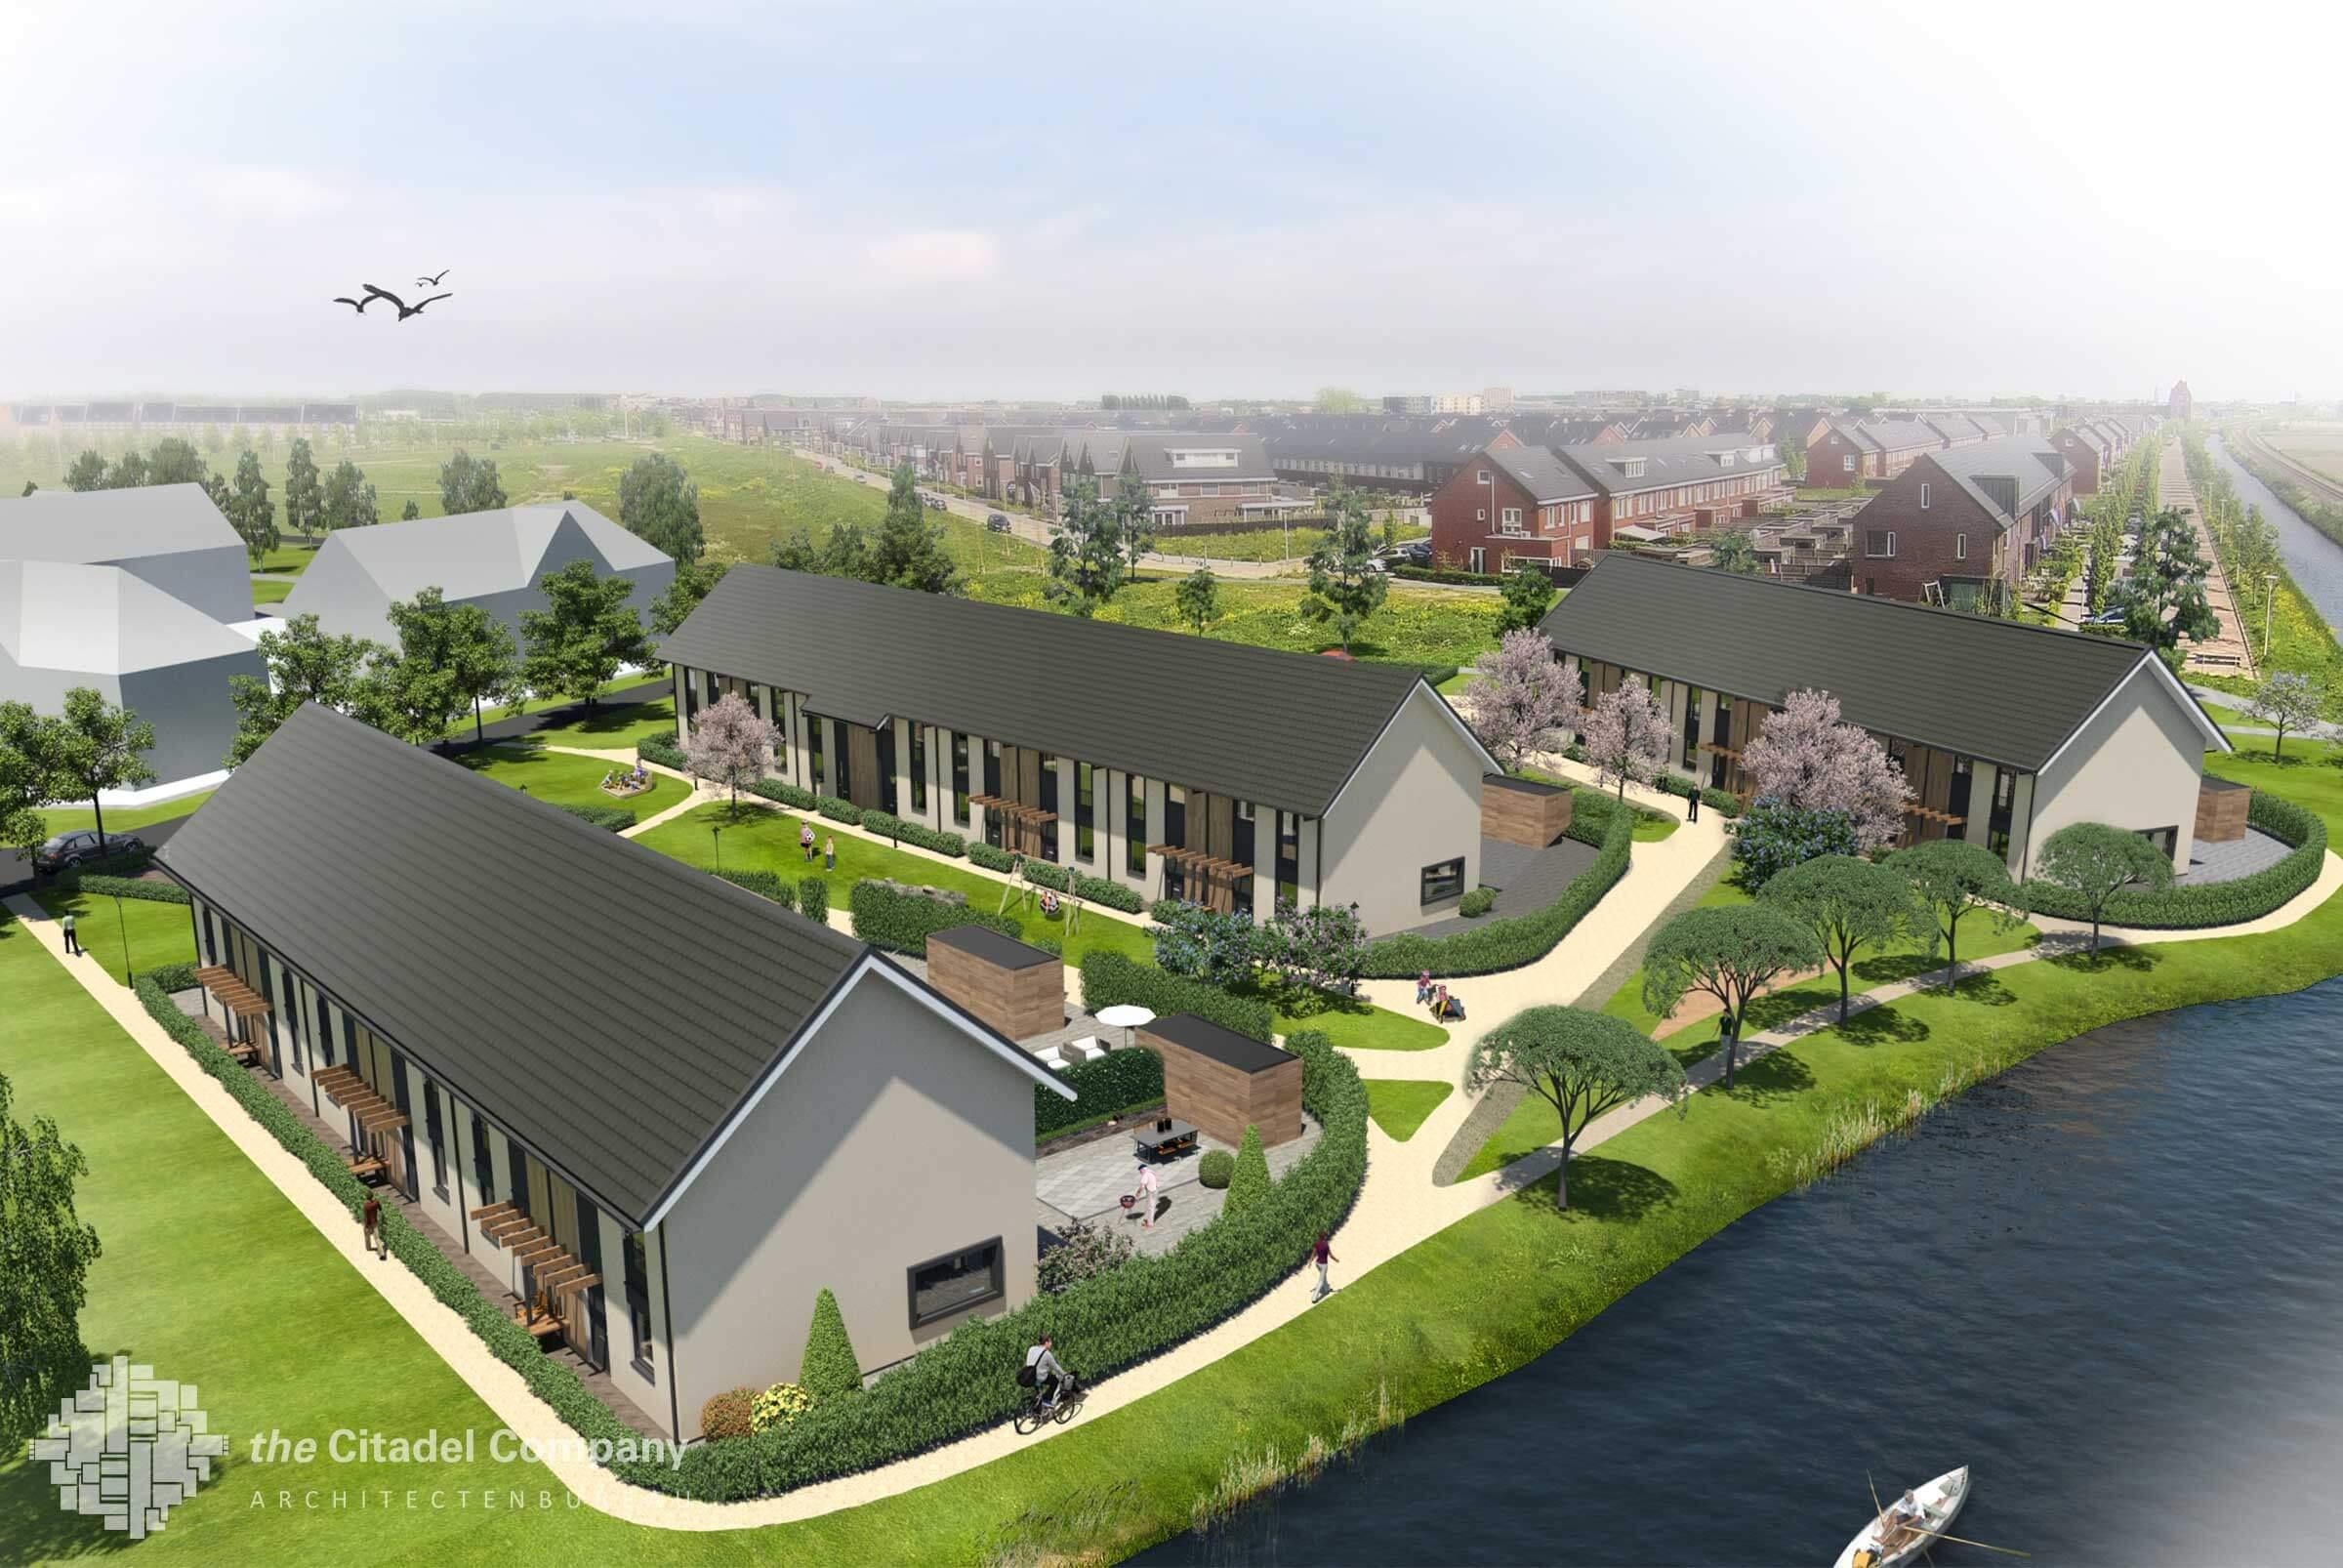 Stedenbouwkundig plan Vrij Werkeren Zwolle_Vogelimpressie